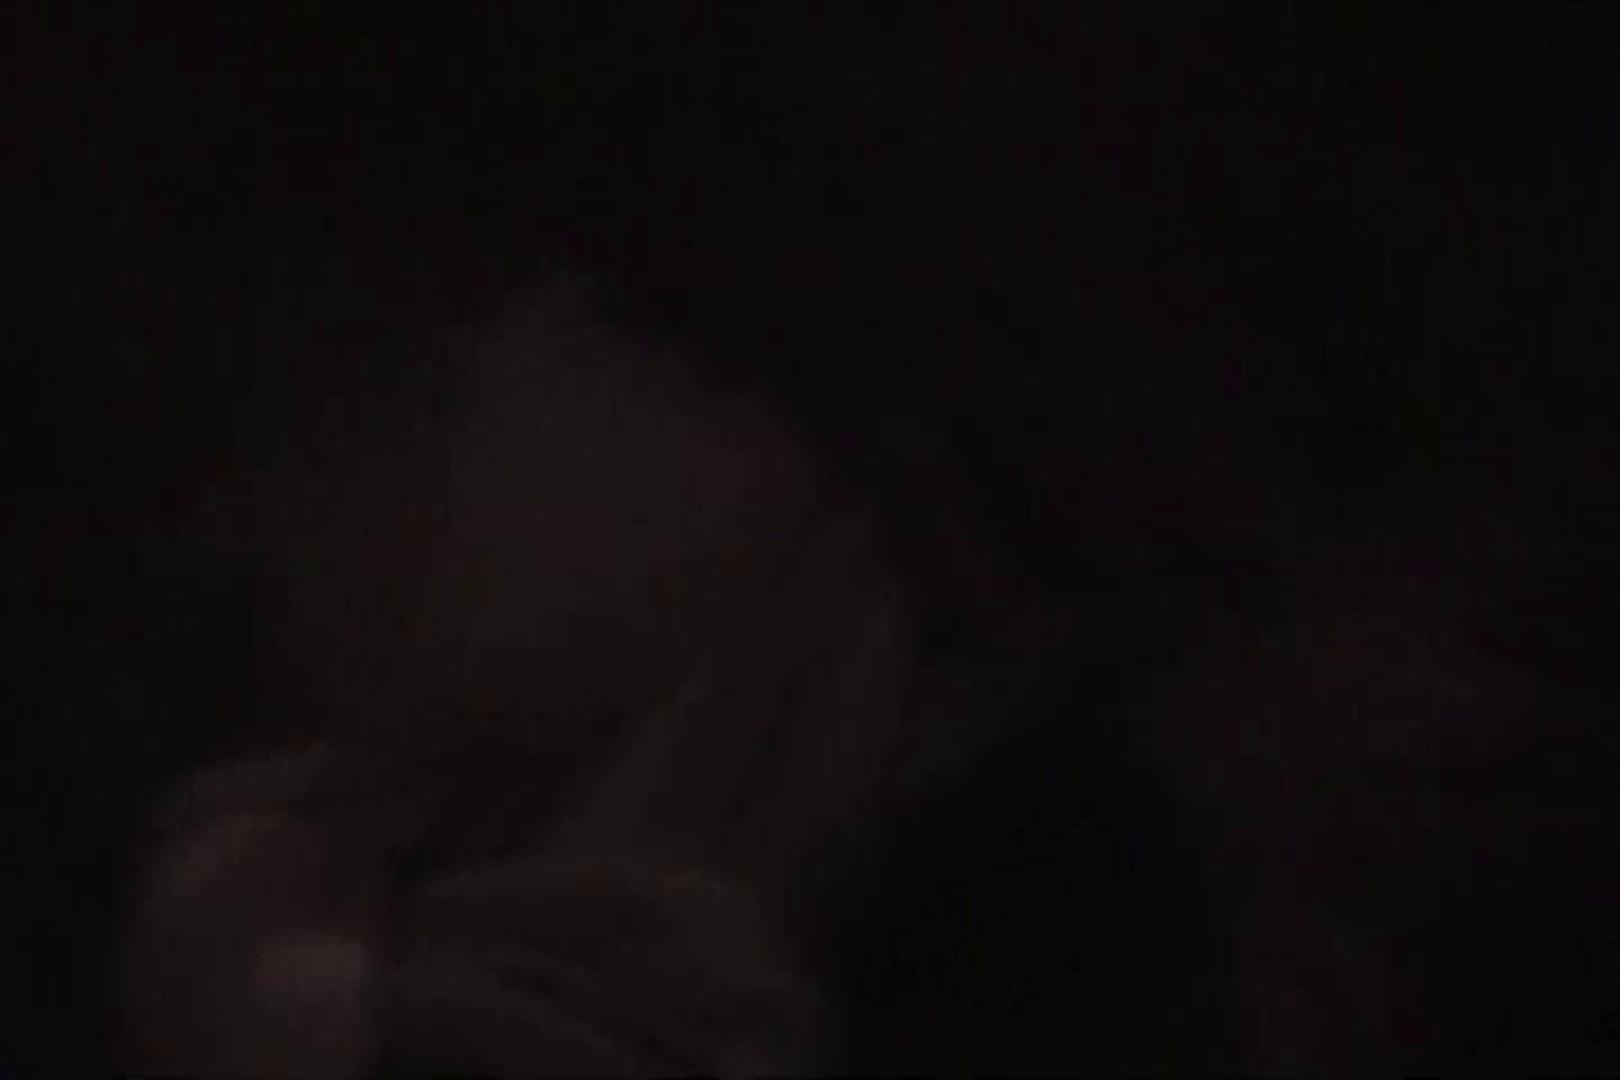 独占配信! ●罪証拠DVD 起きません! vol.07 オマンコ全開です アダルト動画キャプチャ 100枚